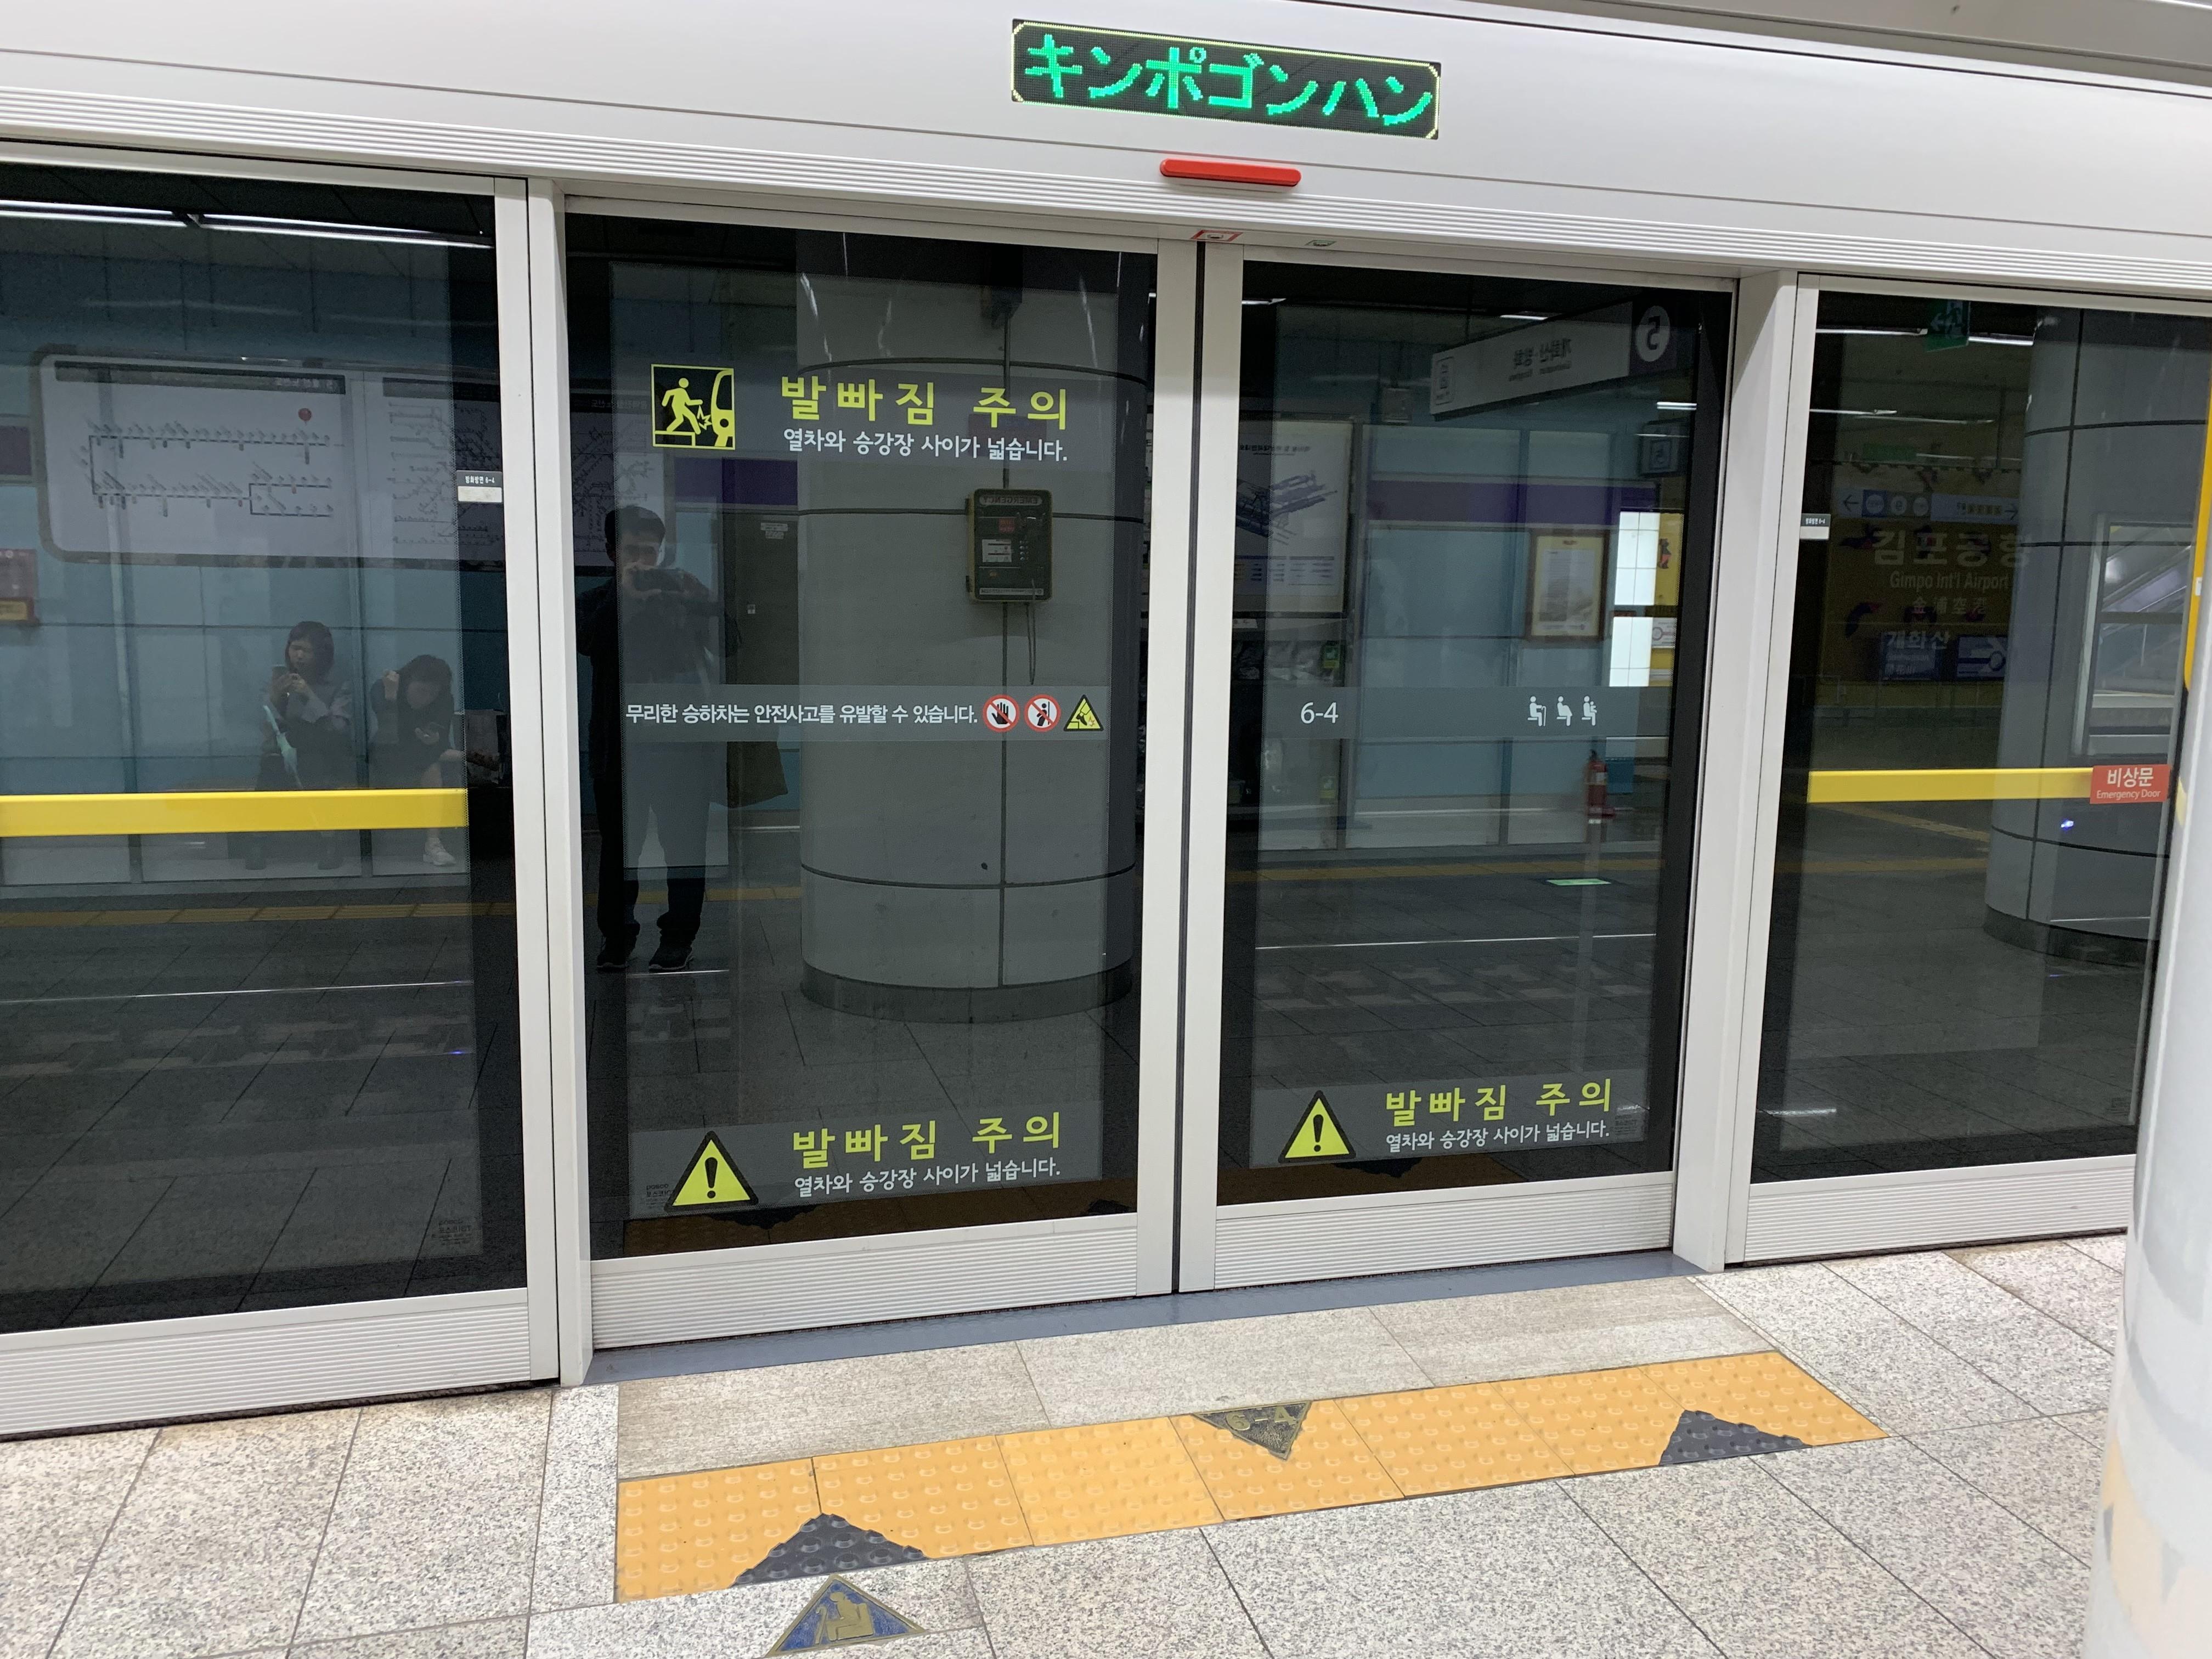 金浦空港の地下鉄乗車口の画像